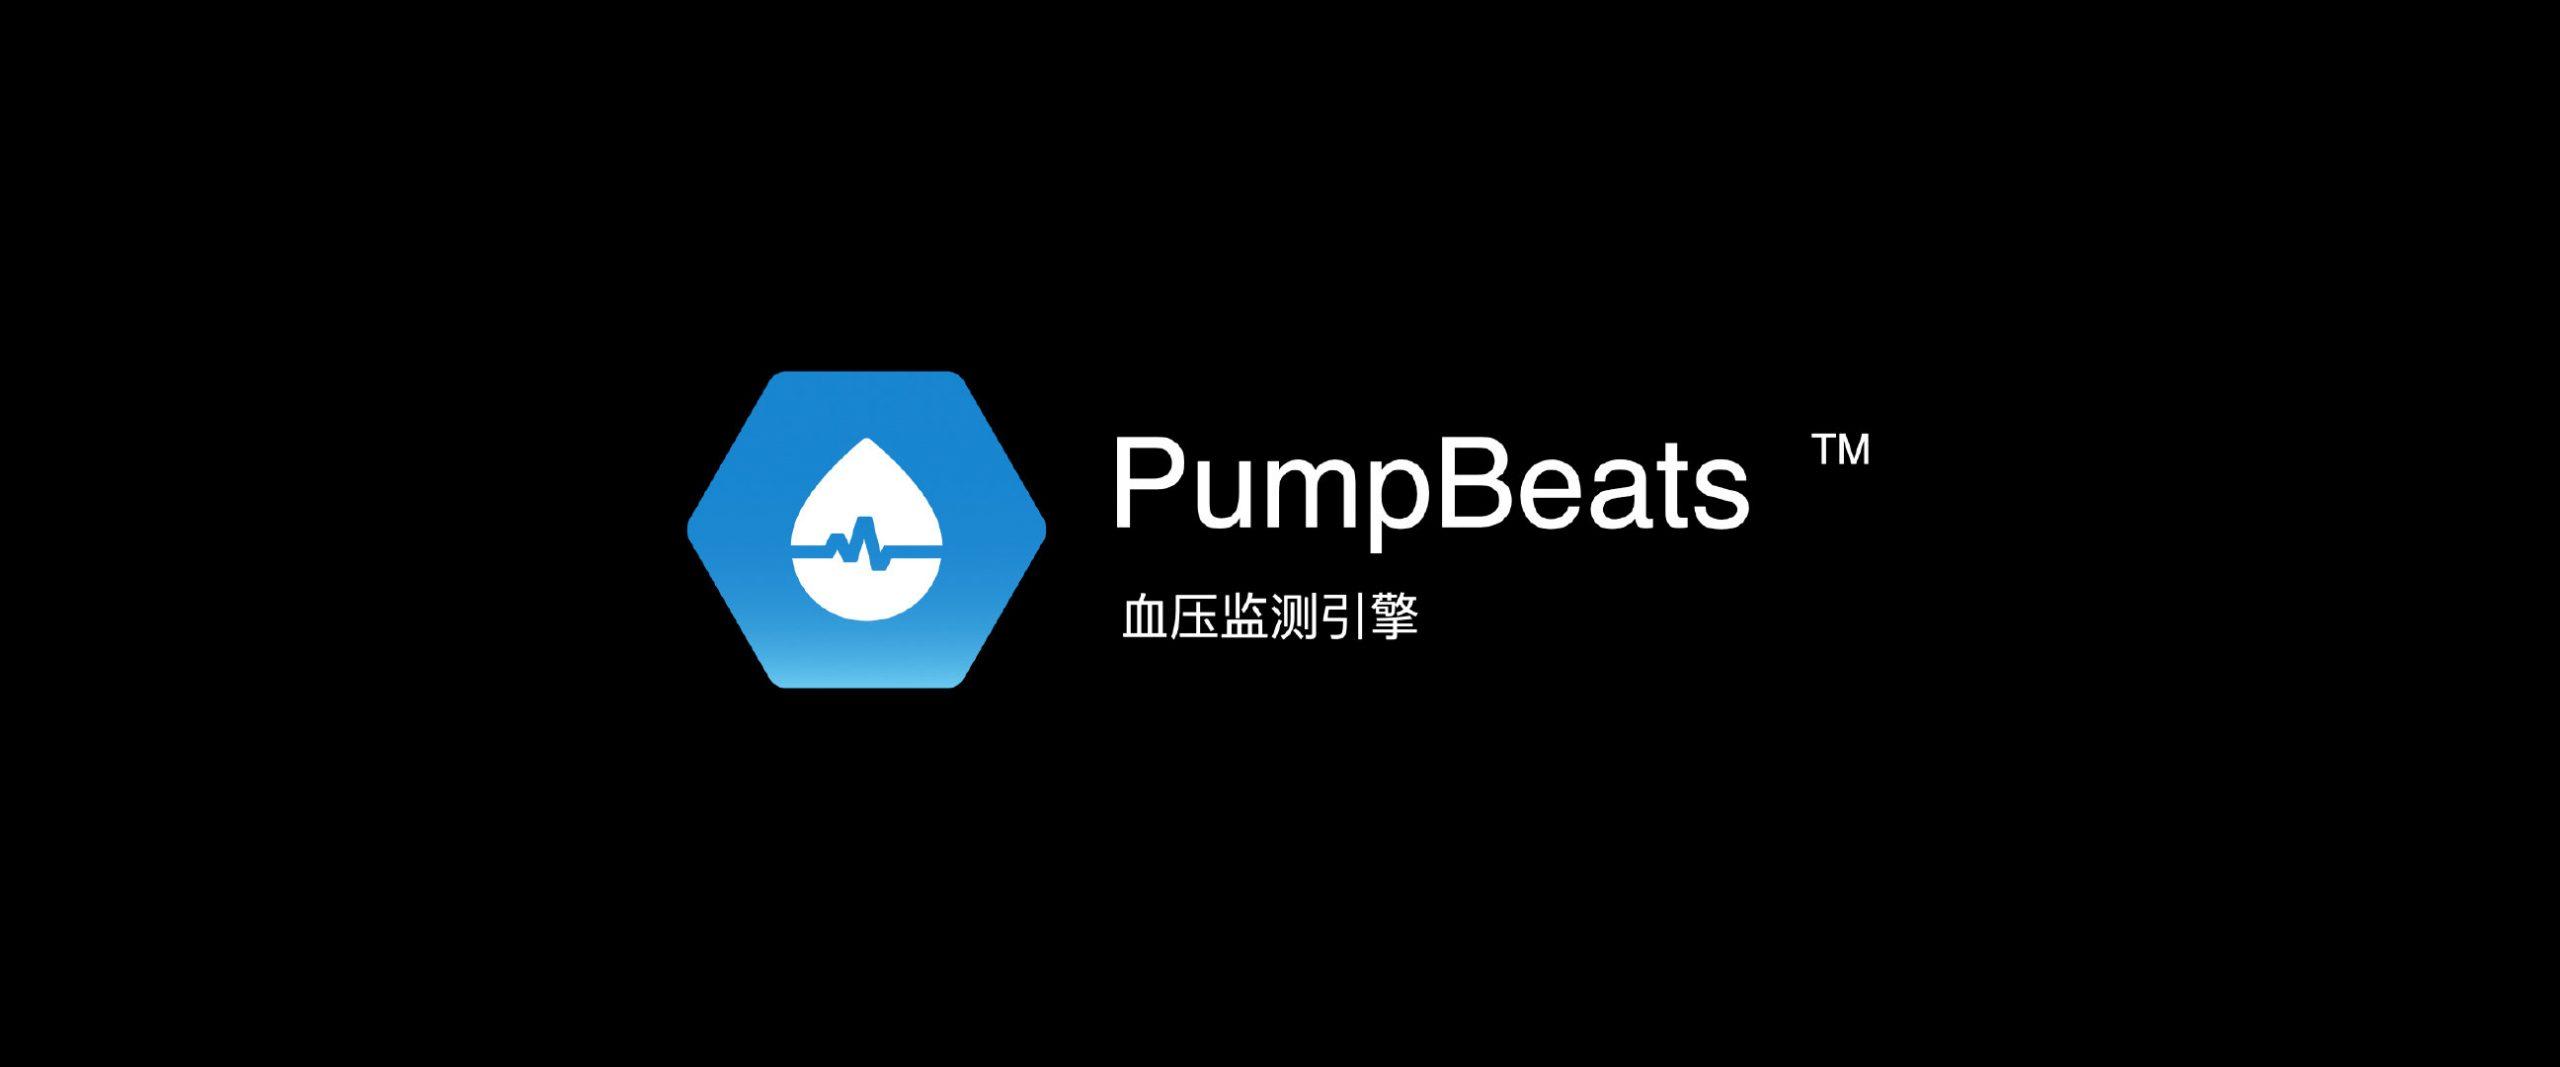 华米科技推出自研黄山2S可穿戴芯片、Zepp OS系统、PumpBeats血压监测引擎-我爱音频网